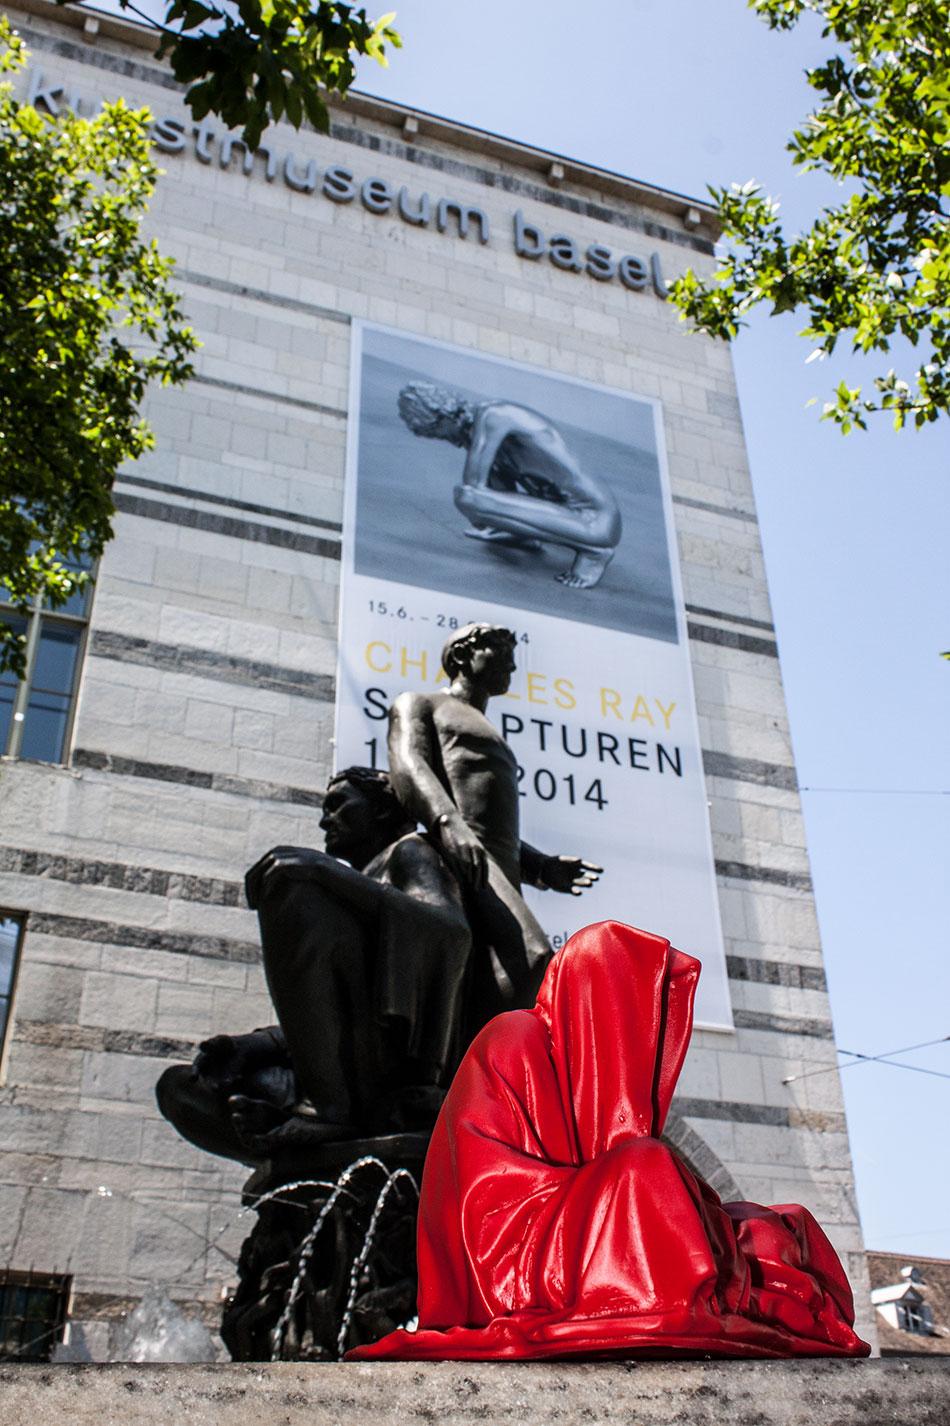 highlights-public-artbasel-kunsthaus-basel-scope-art-show-guardians-of-time-manfred-kielnhofer-steinreich-contemporary-art-sculpture-tour-art-parcours-1593